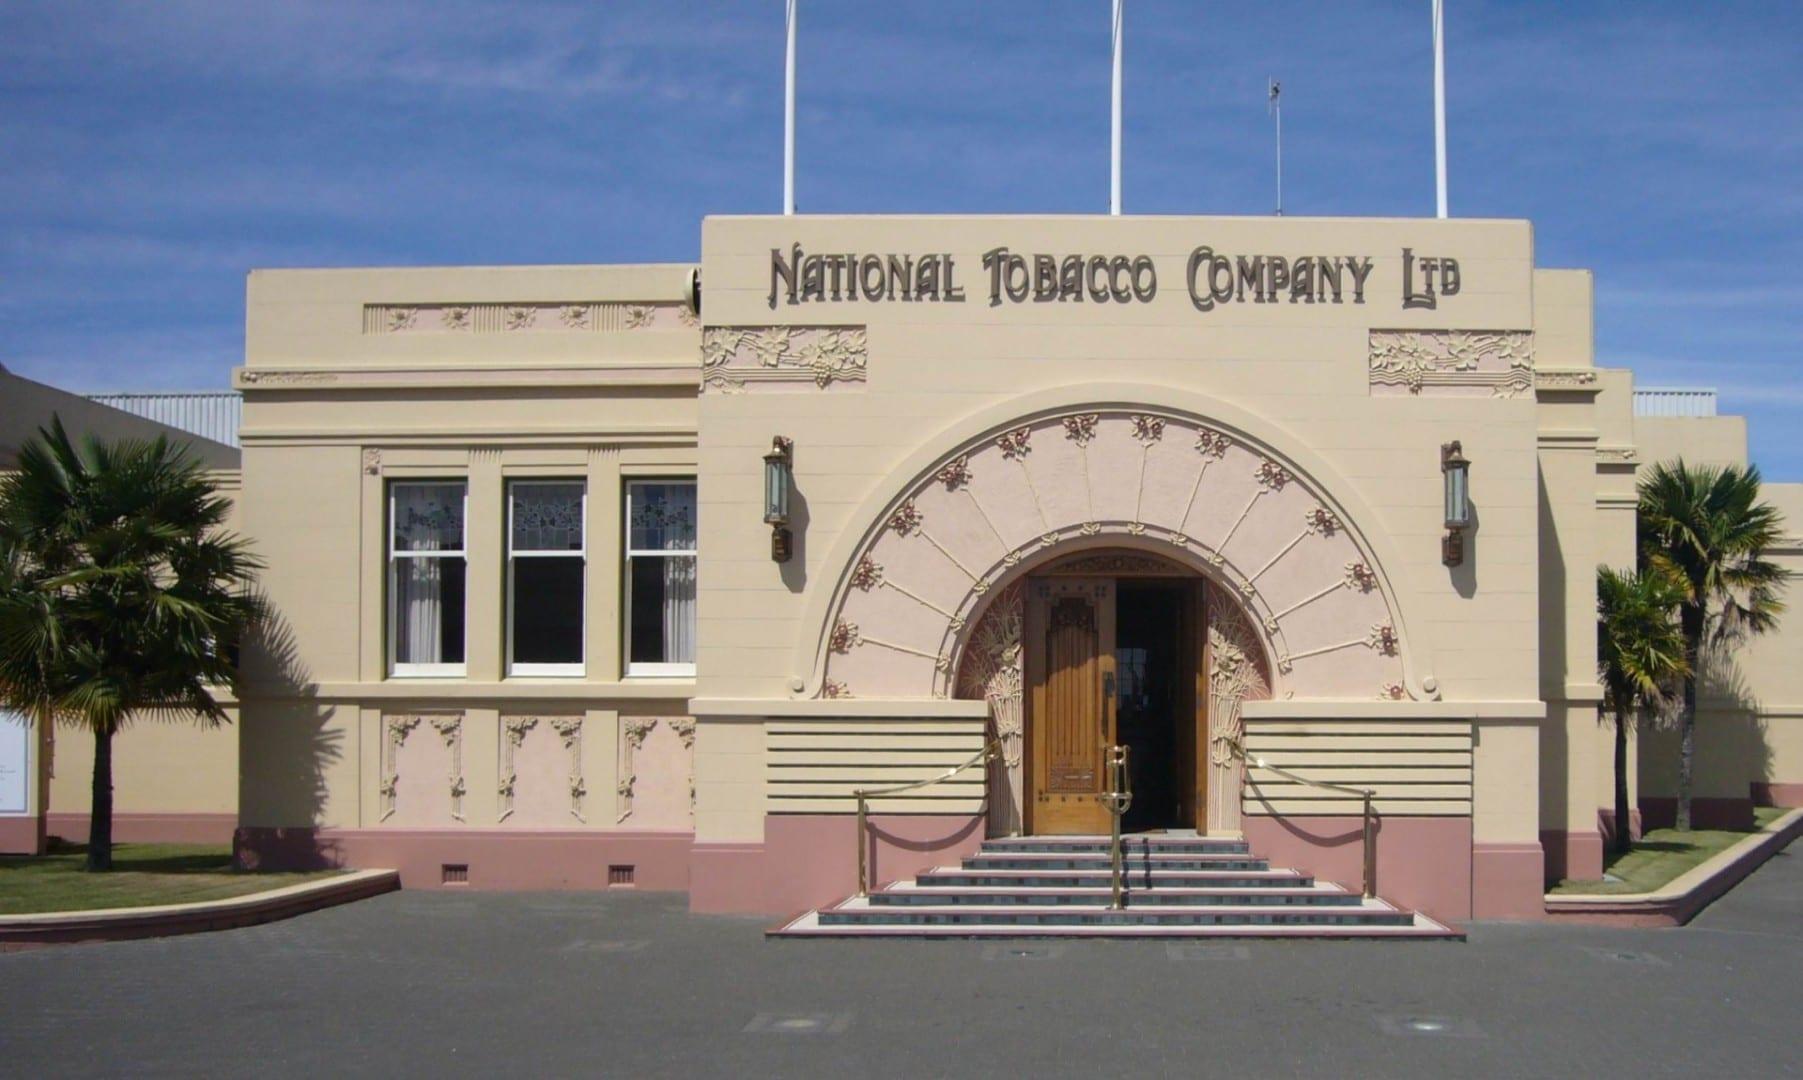 El edificio de la Compañía Nacional de Tabaco (1933), uno de los muchos edificios Art Decó de Napier Napier Nueva Zelanda